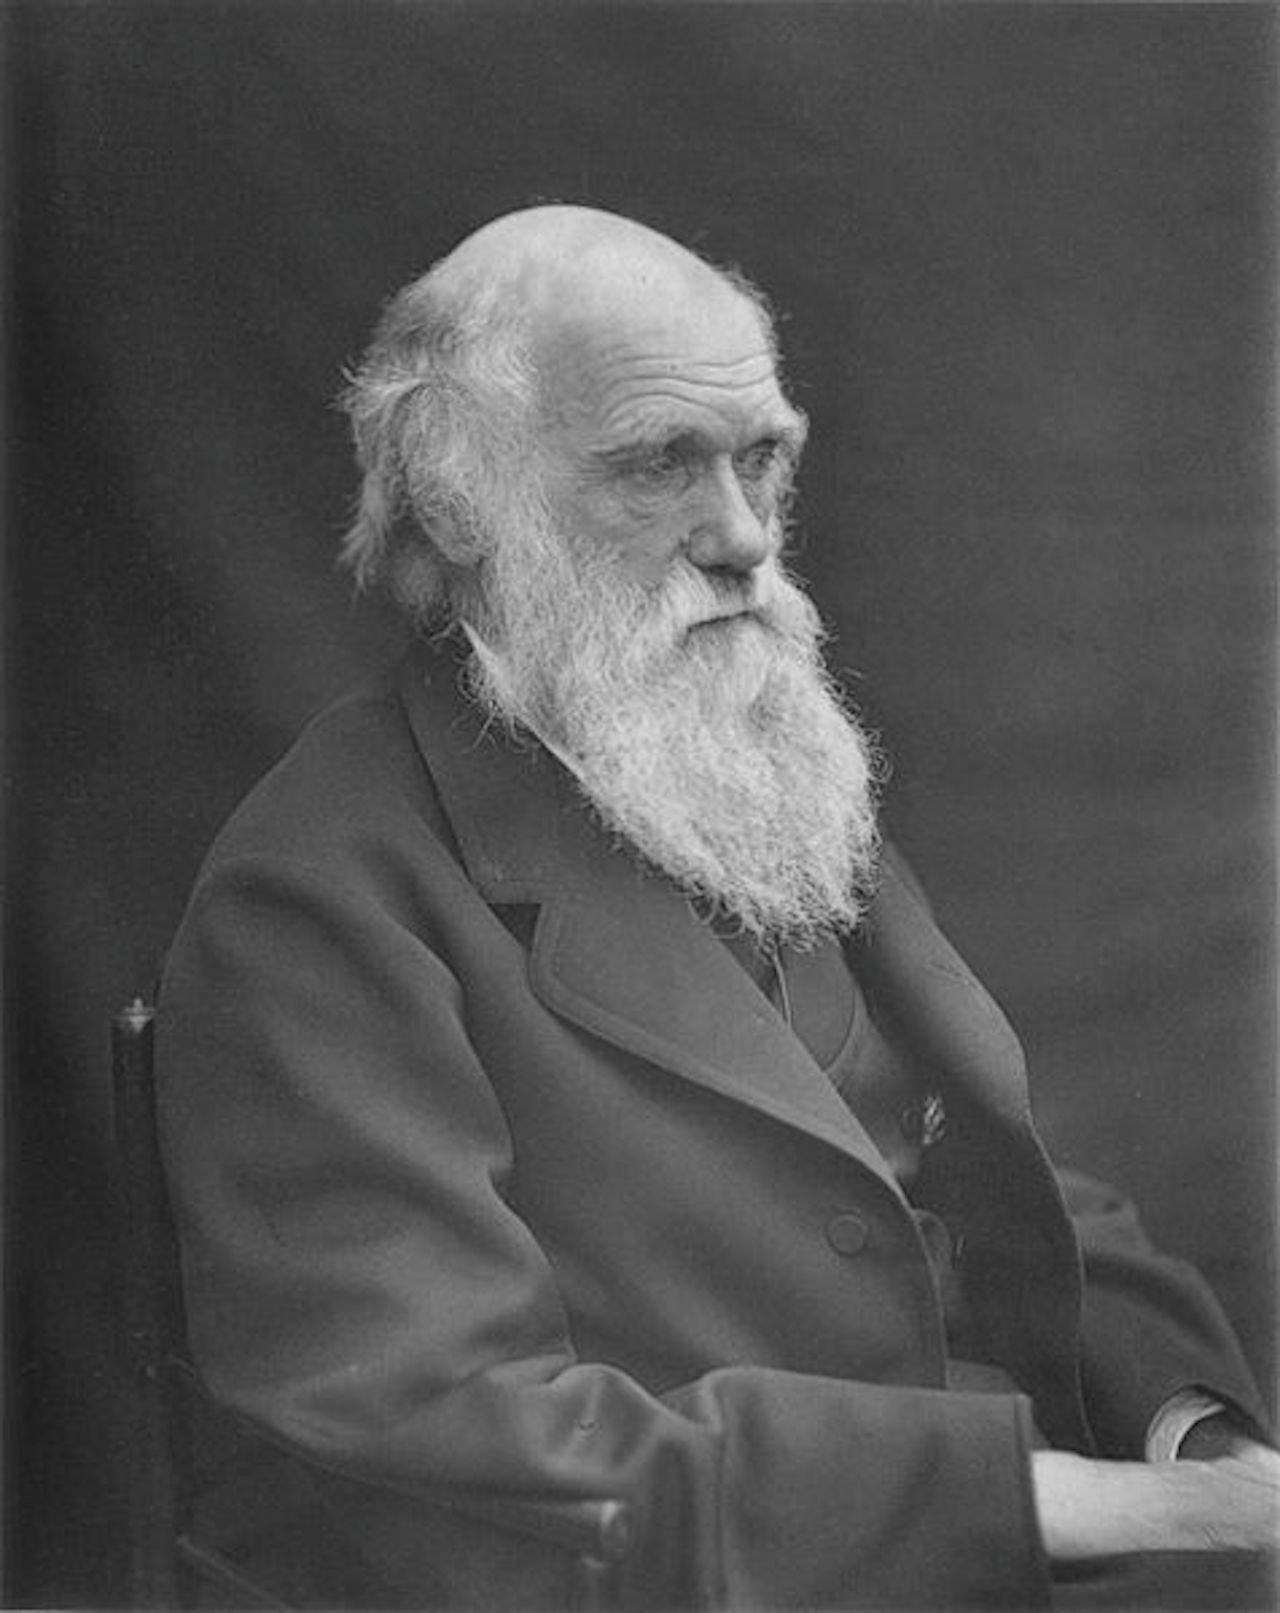 476px-1878_darwin_photo_by_leonard_from_